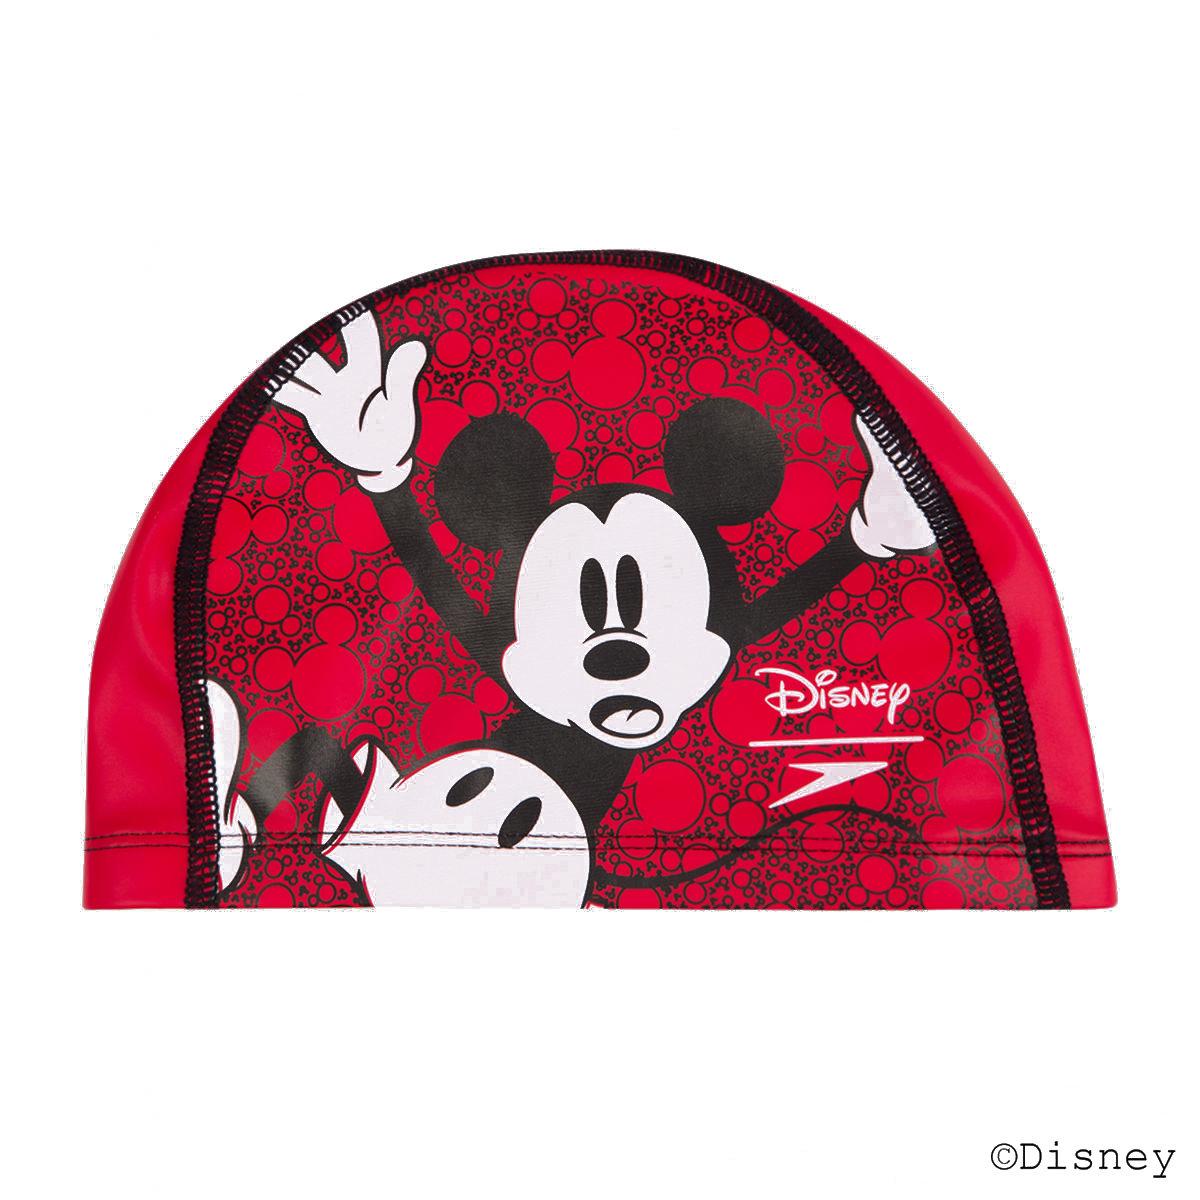 少年米奇老鼠PU塗層泳帽-紅 / 黑